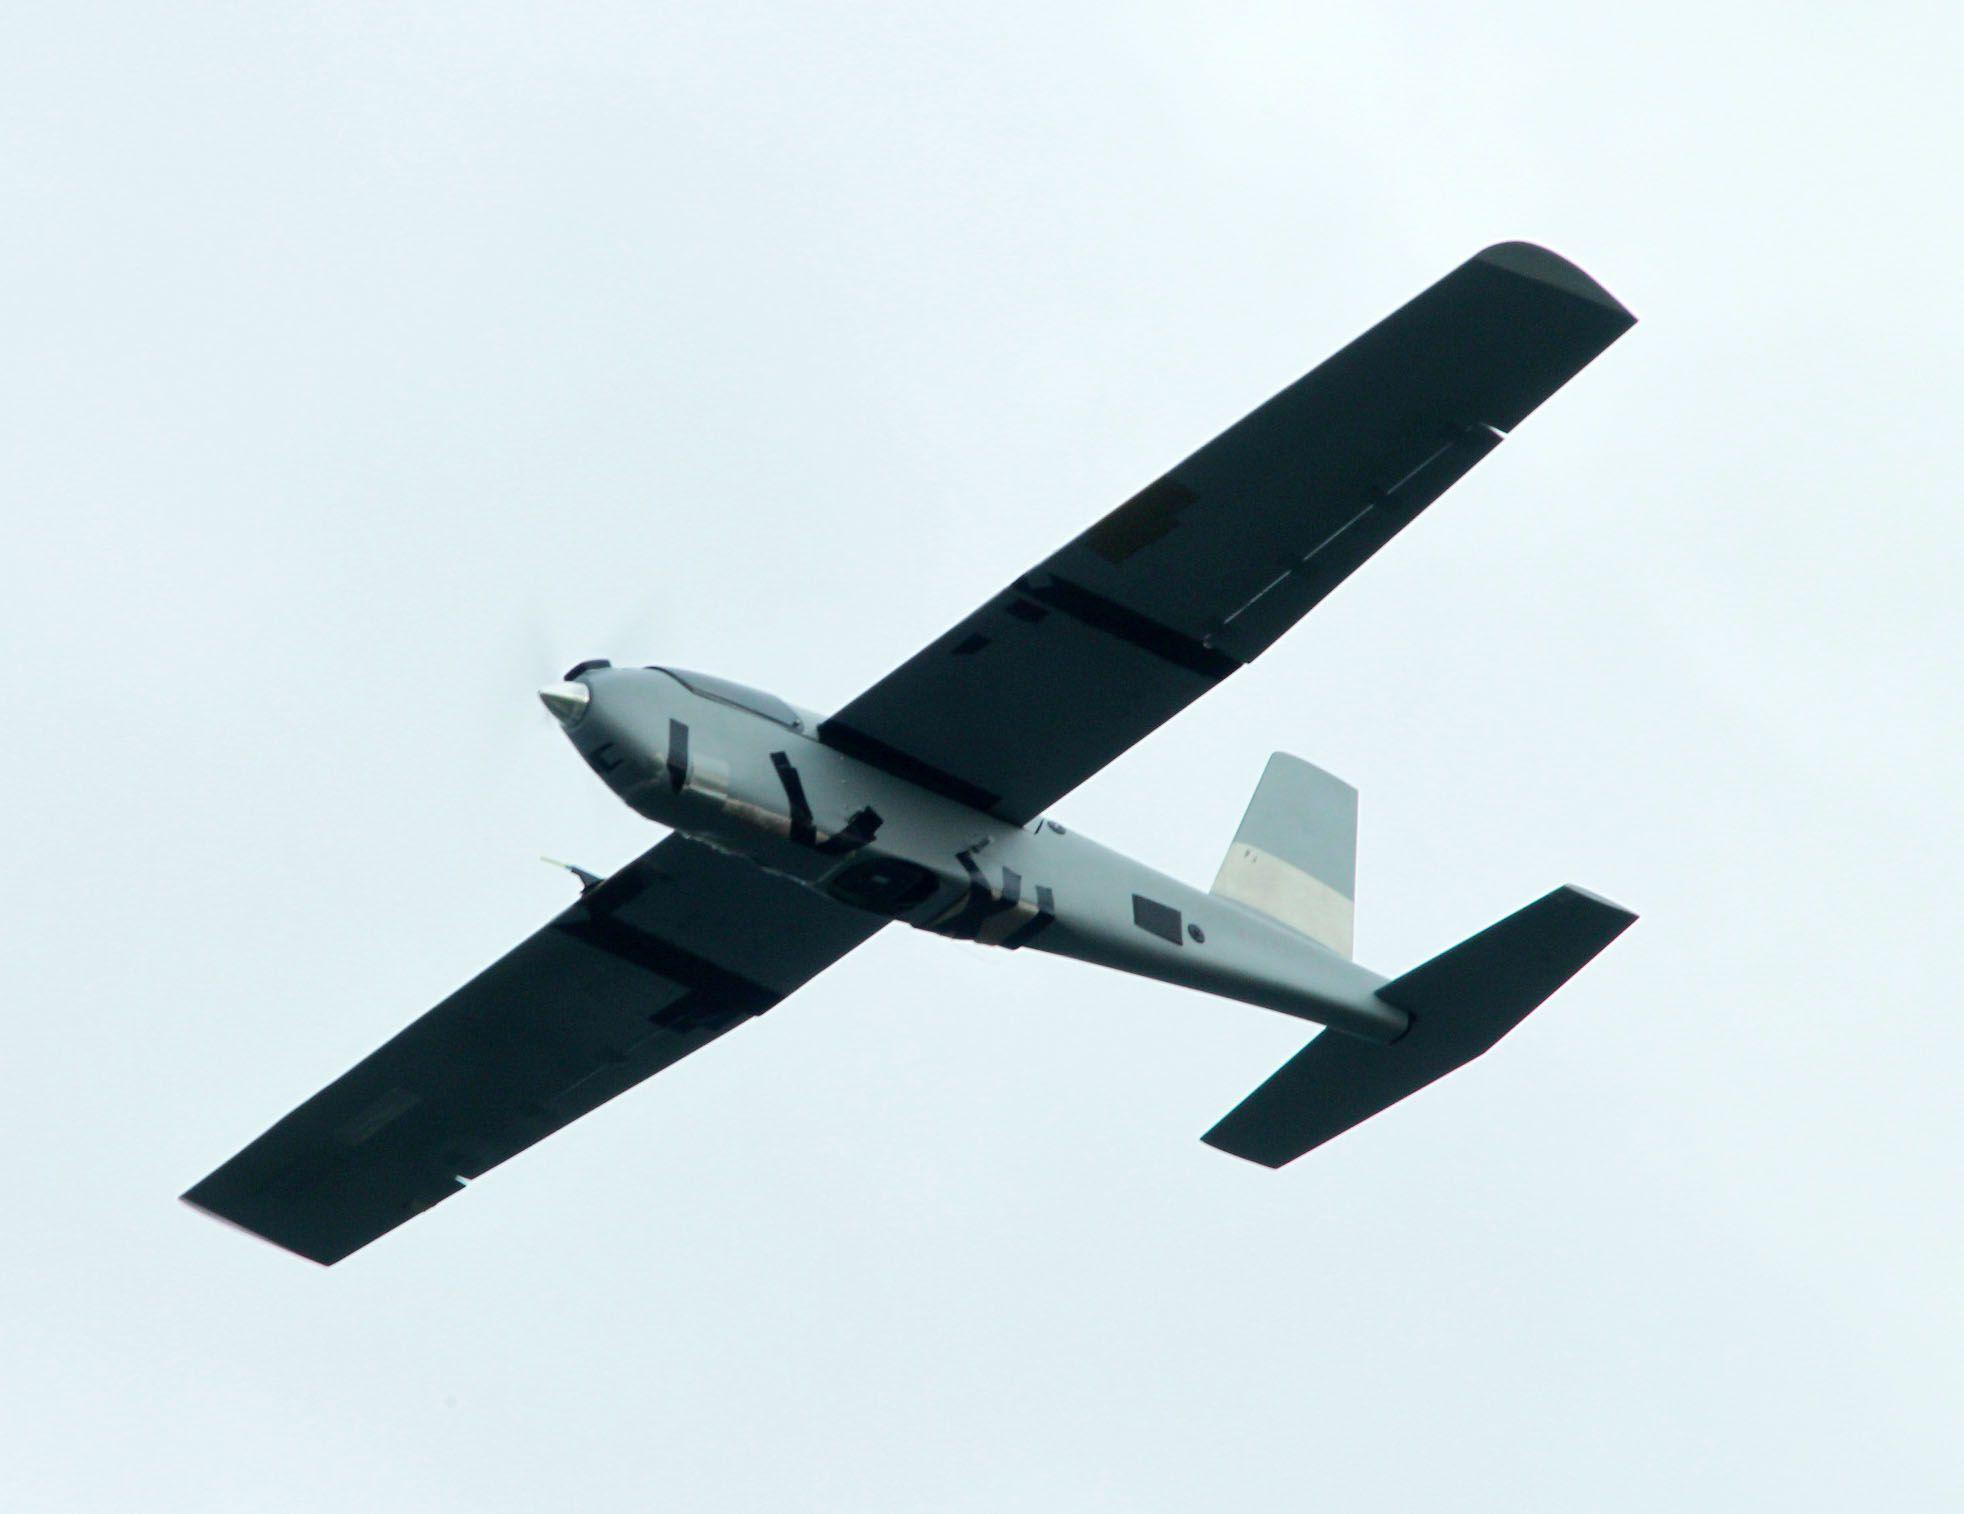 海軍陸戰隊紅雀無人機執行戰場偵蒐。(記者邱榮吉/彰化花壇拍攝)